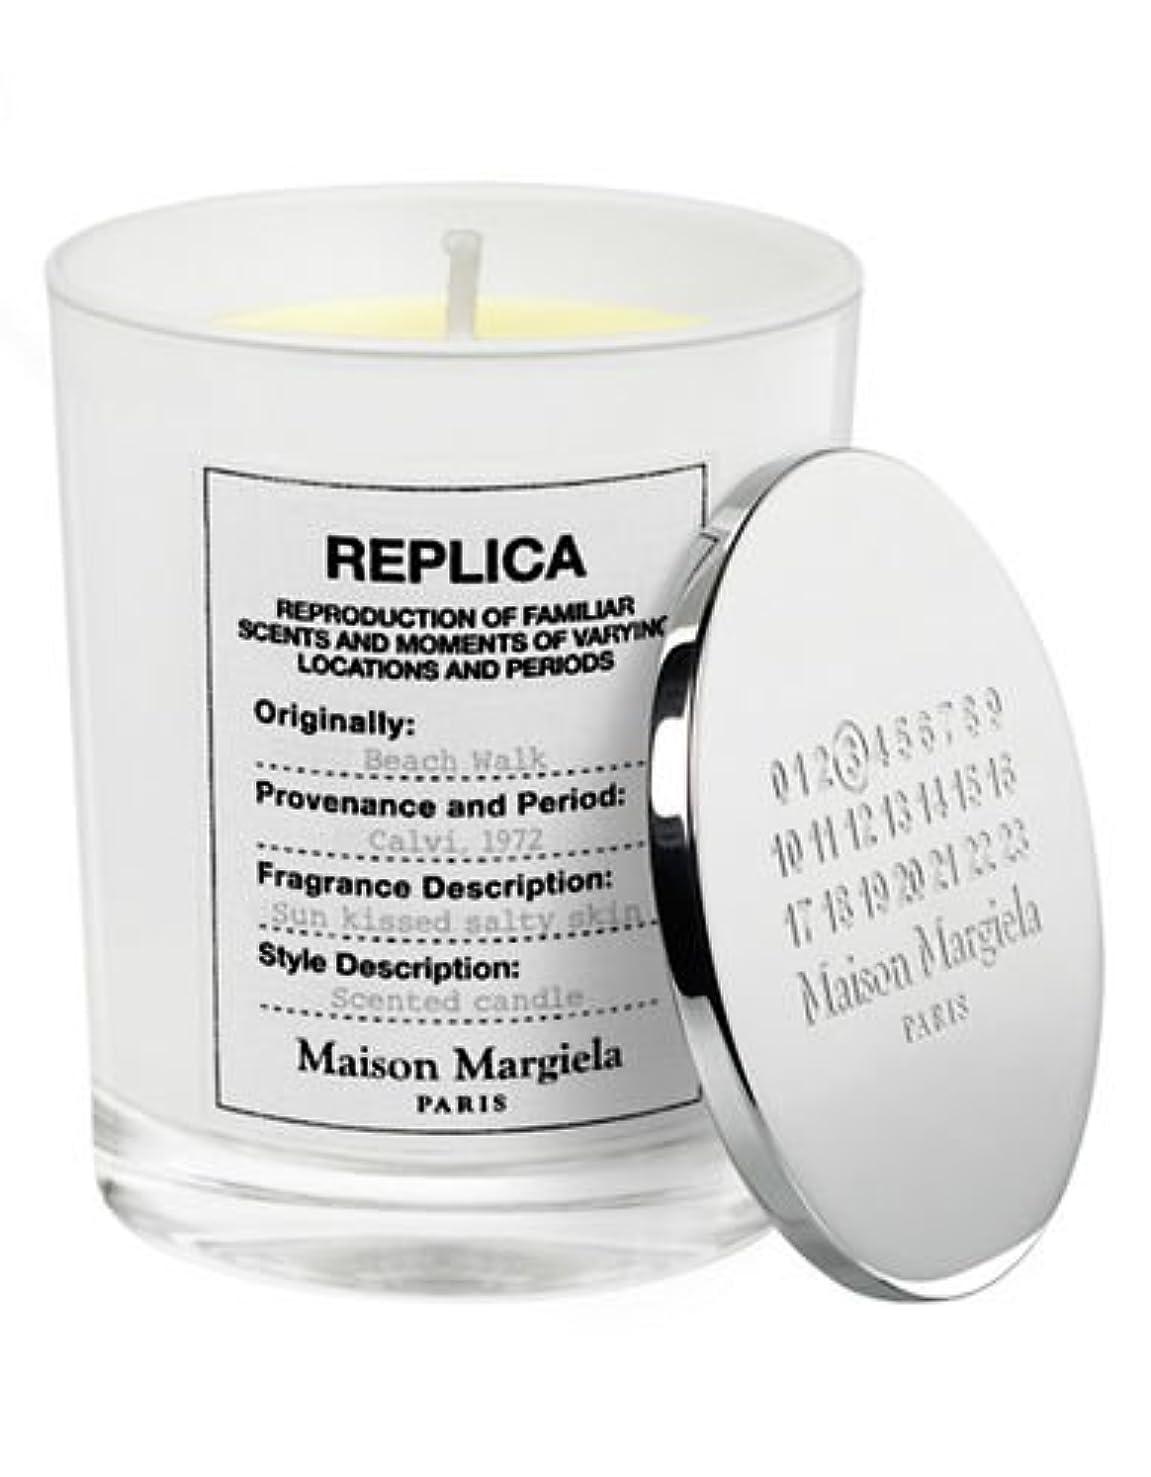 打ち上げるパキスタン発見( 1 ) Maison Margiela 'レプリカ' Beach Walk Scented Candle 5.82oz